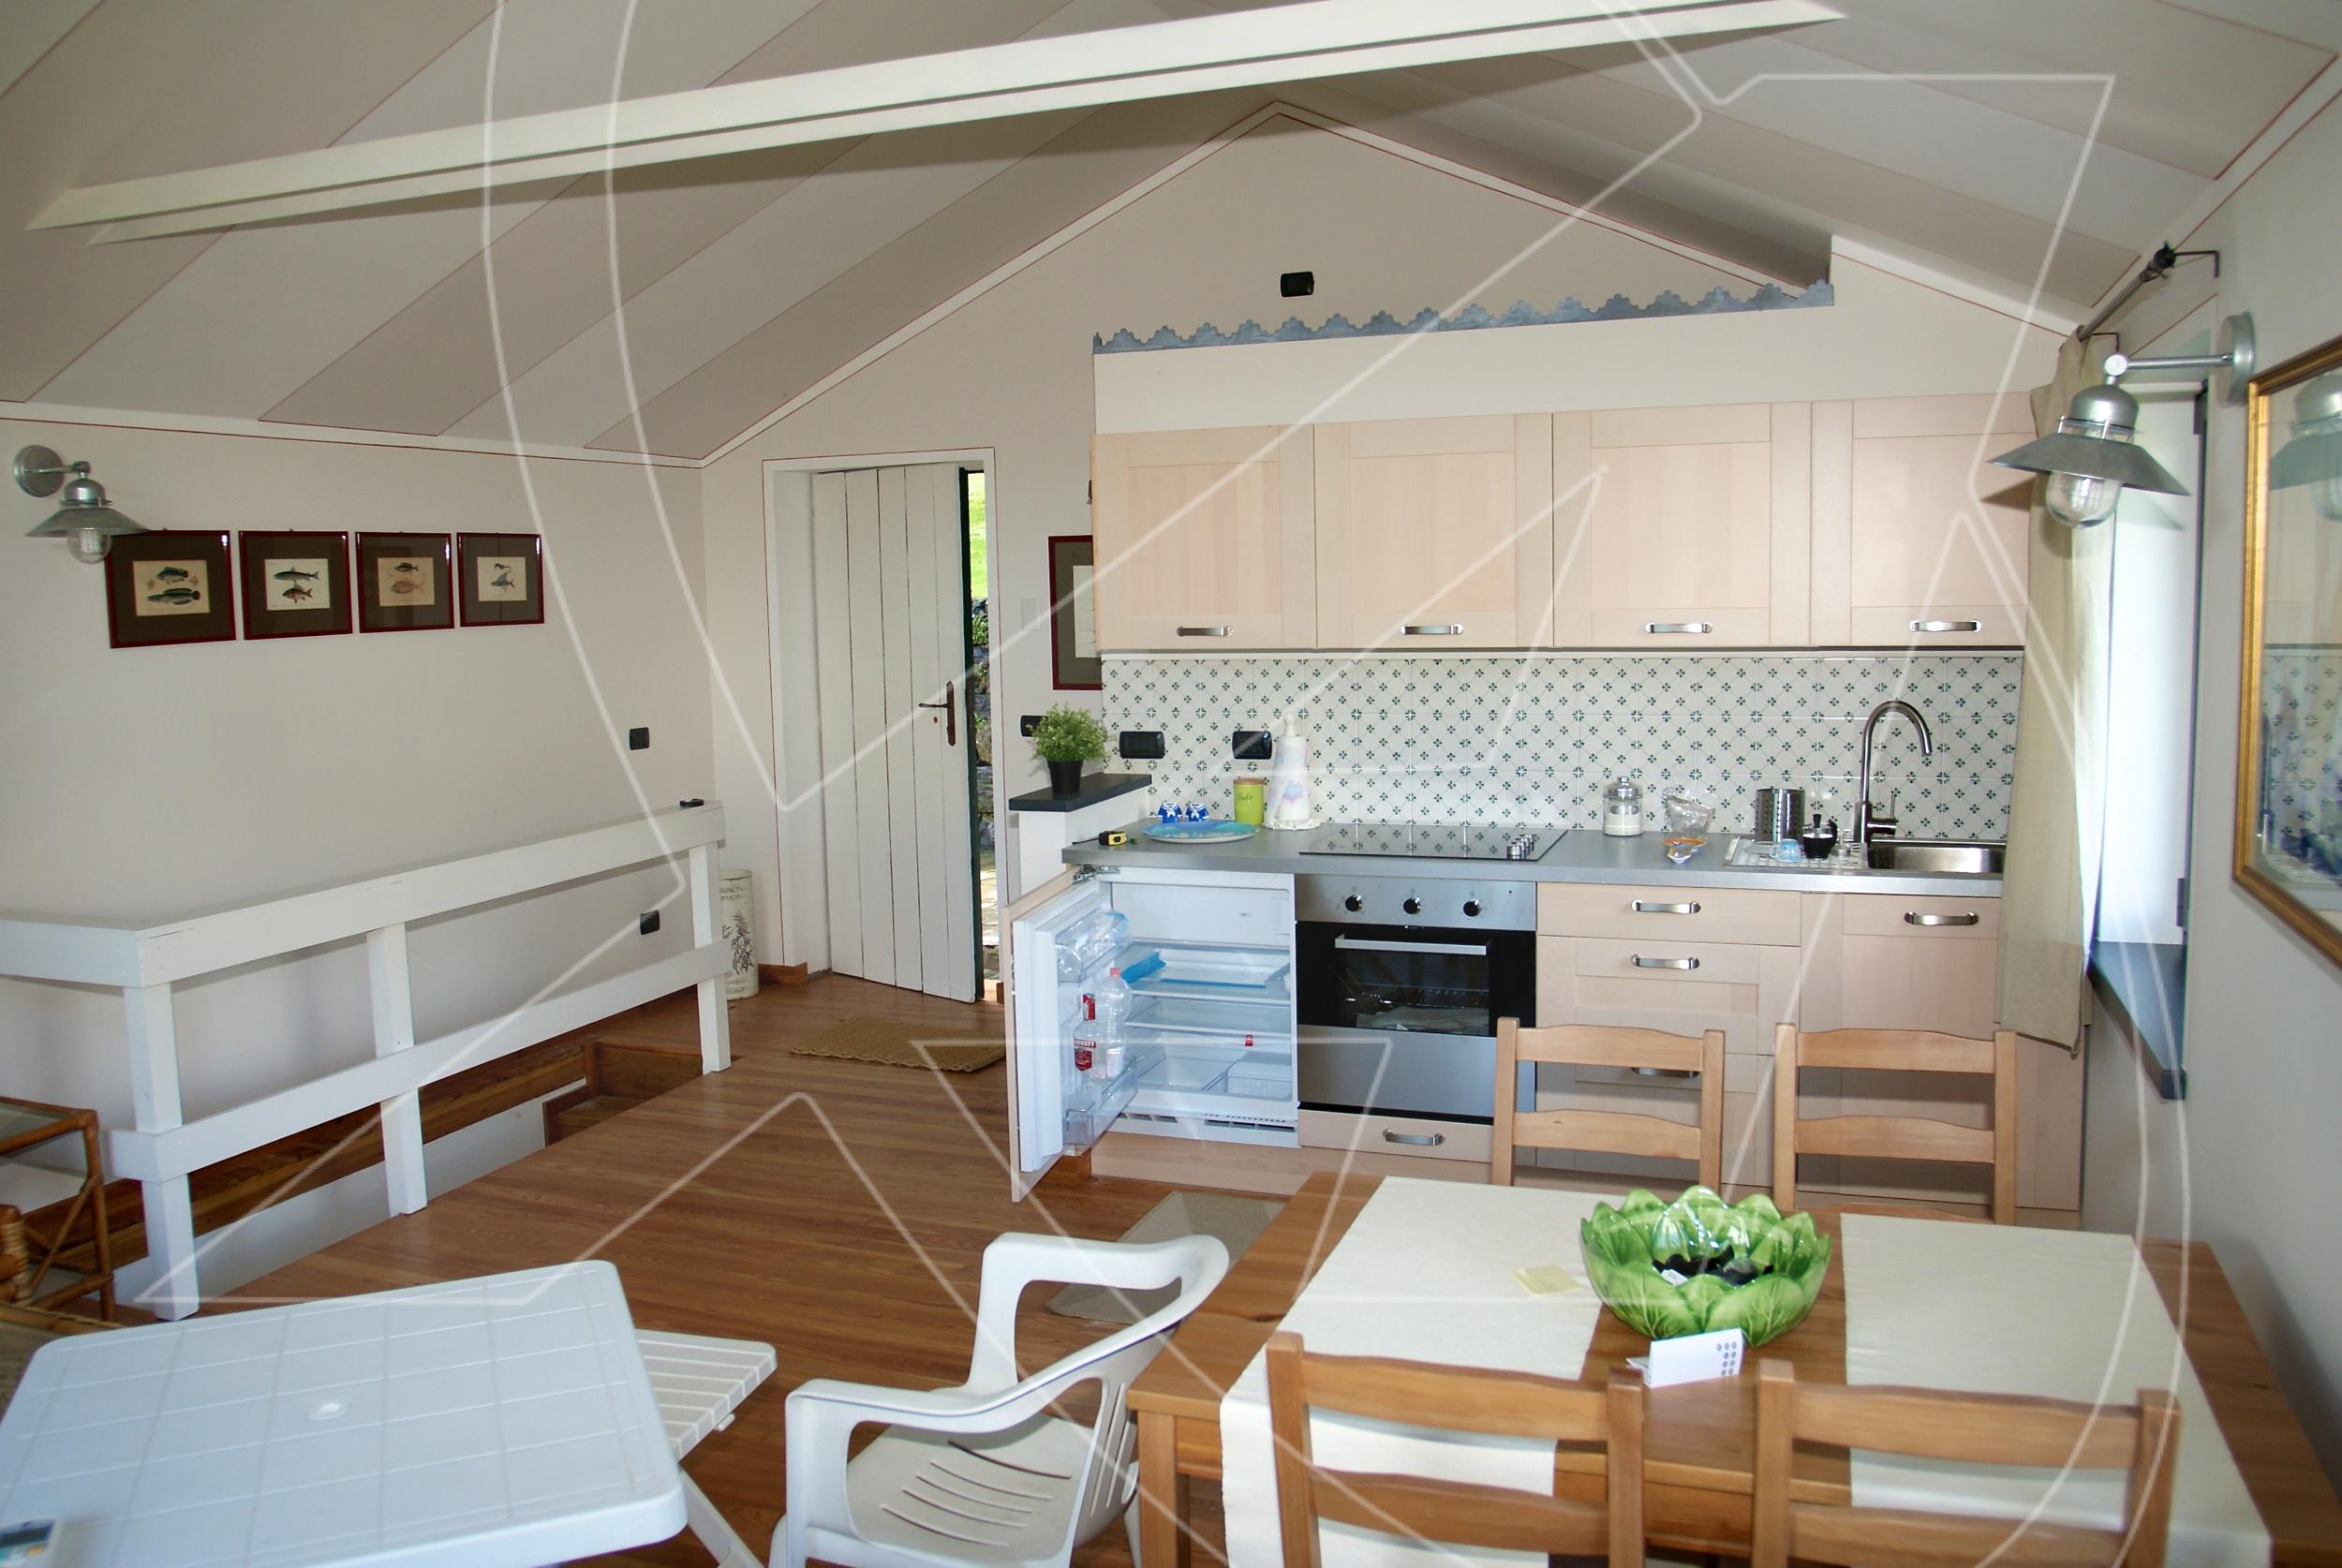 Ristrutturare Bagno Casa In Affitto : Villetta in affitto a san michele di pagana con giardino